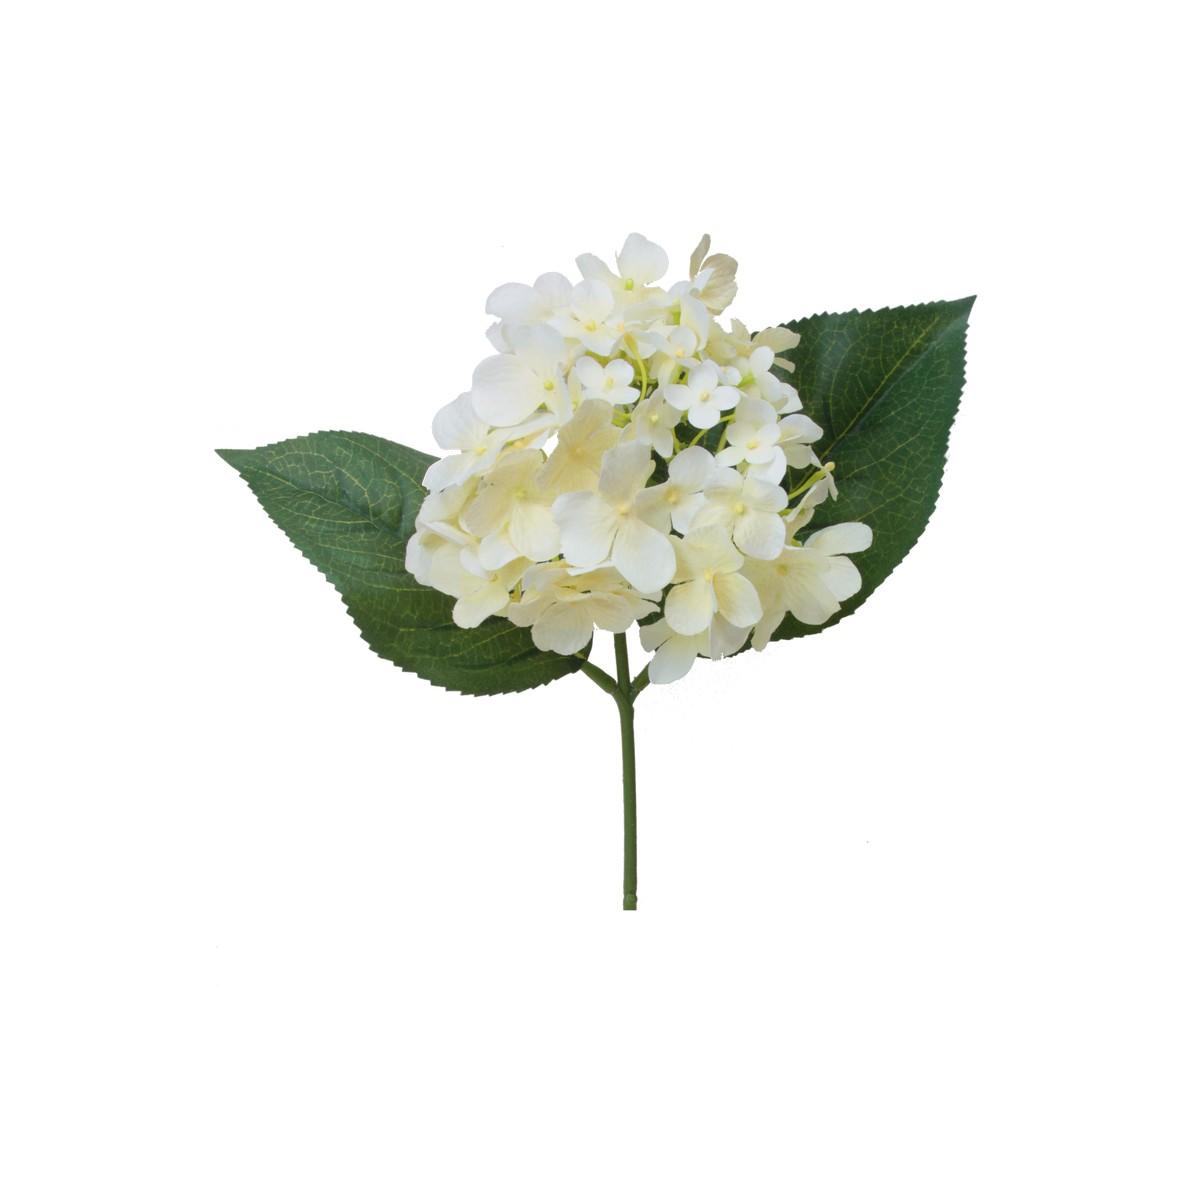 【造花】パレ/ハイドランジアピック クリーム/P-8284-10|造花 バラ【01】【取寄】[12本]